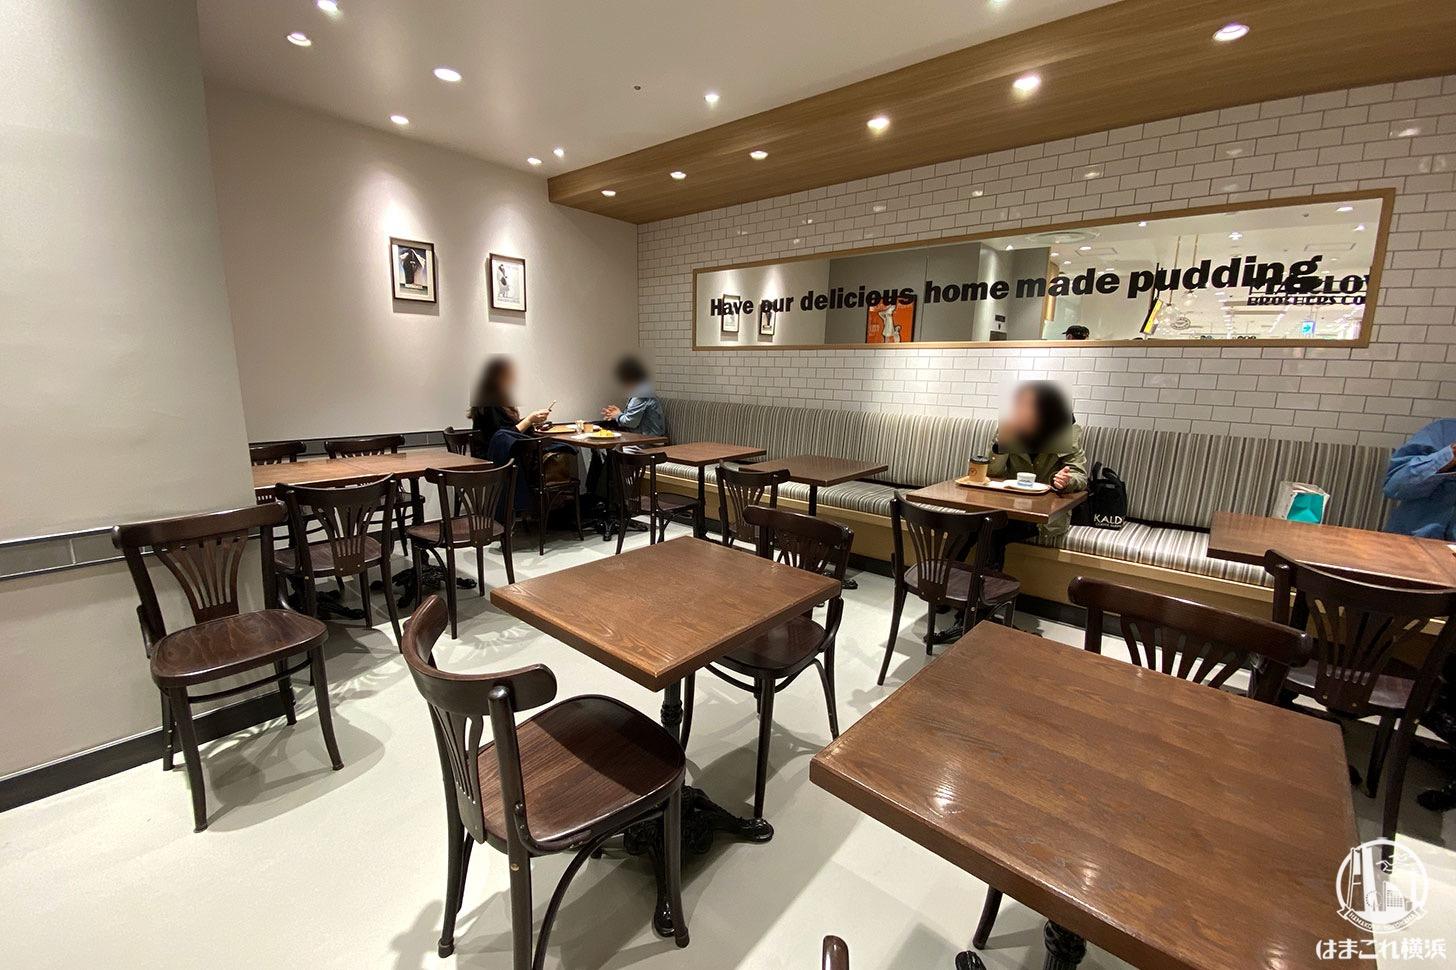 マーロウブラザーズコーヒー 店内のテーブル席